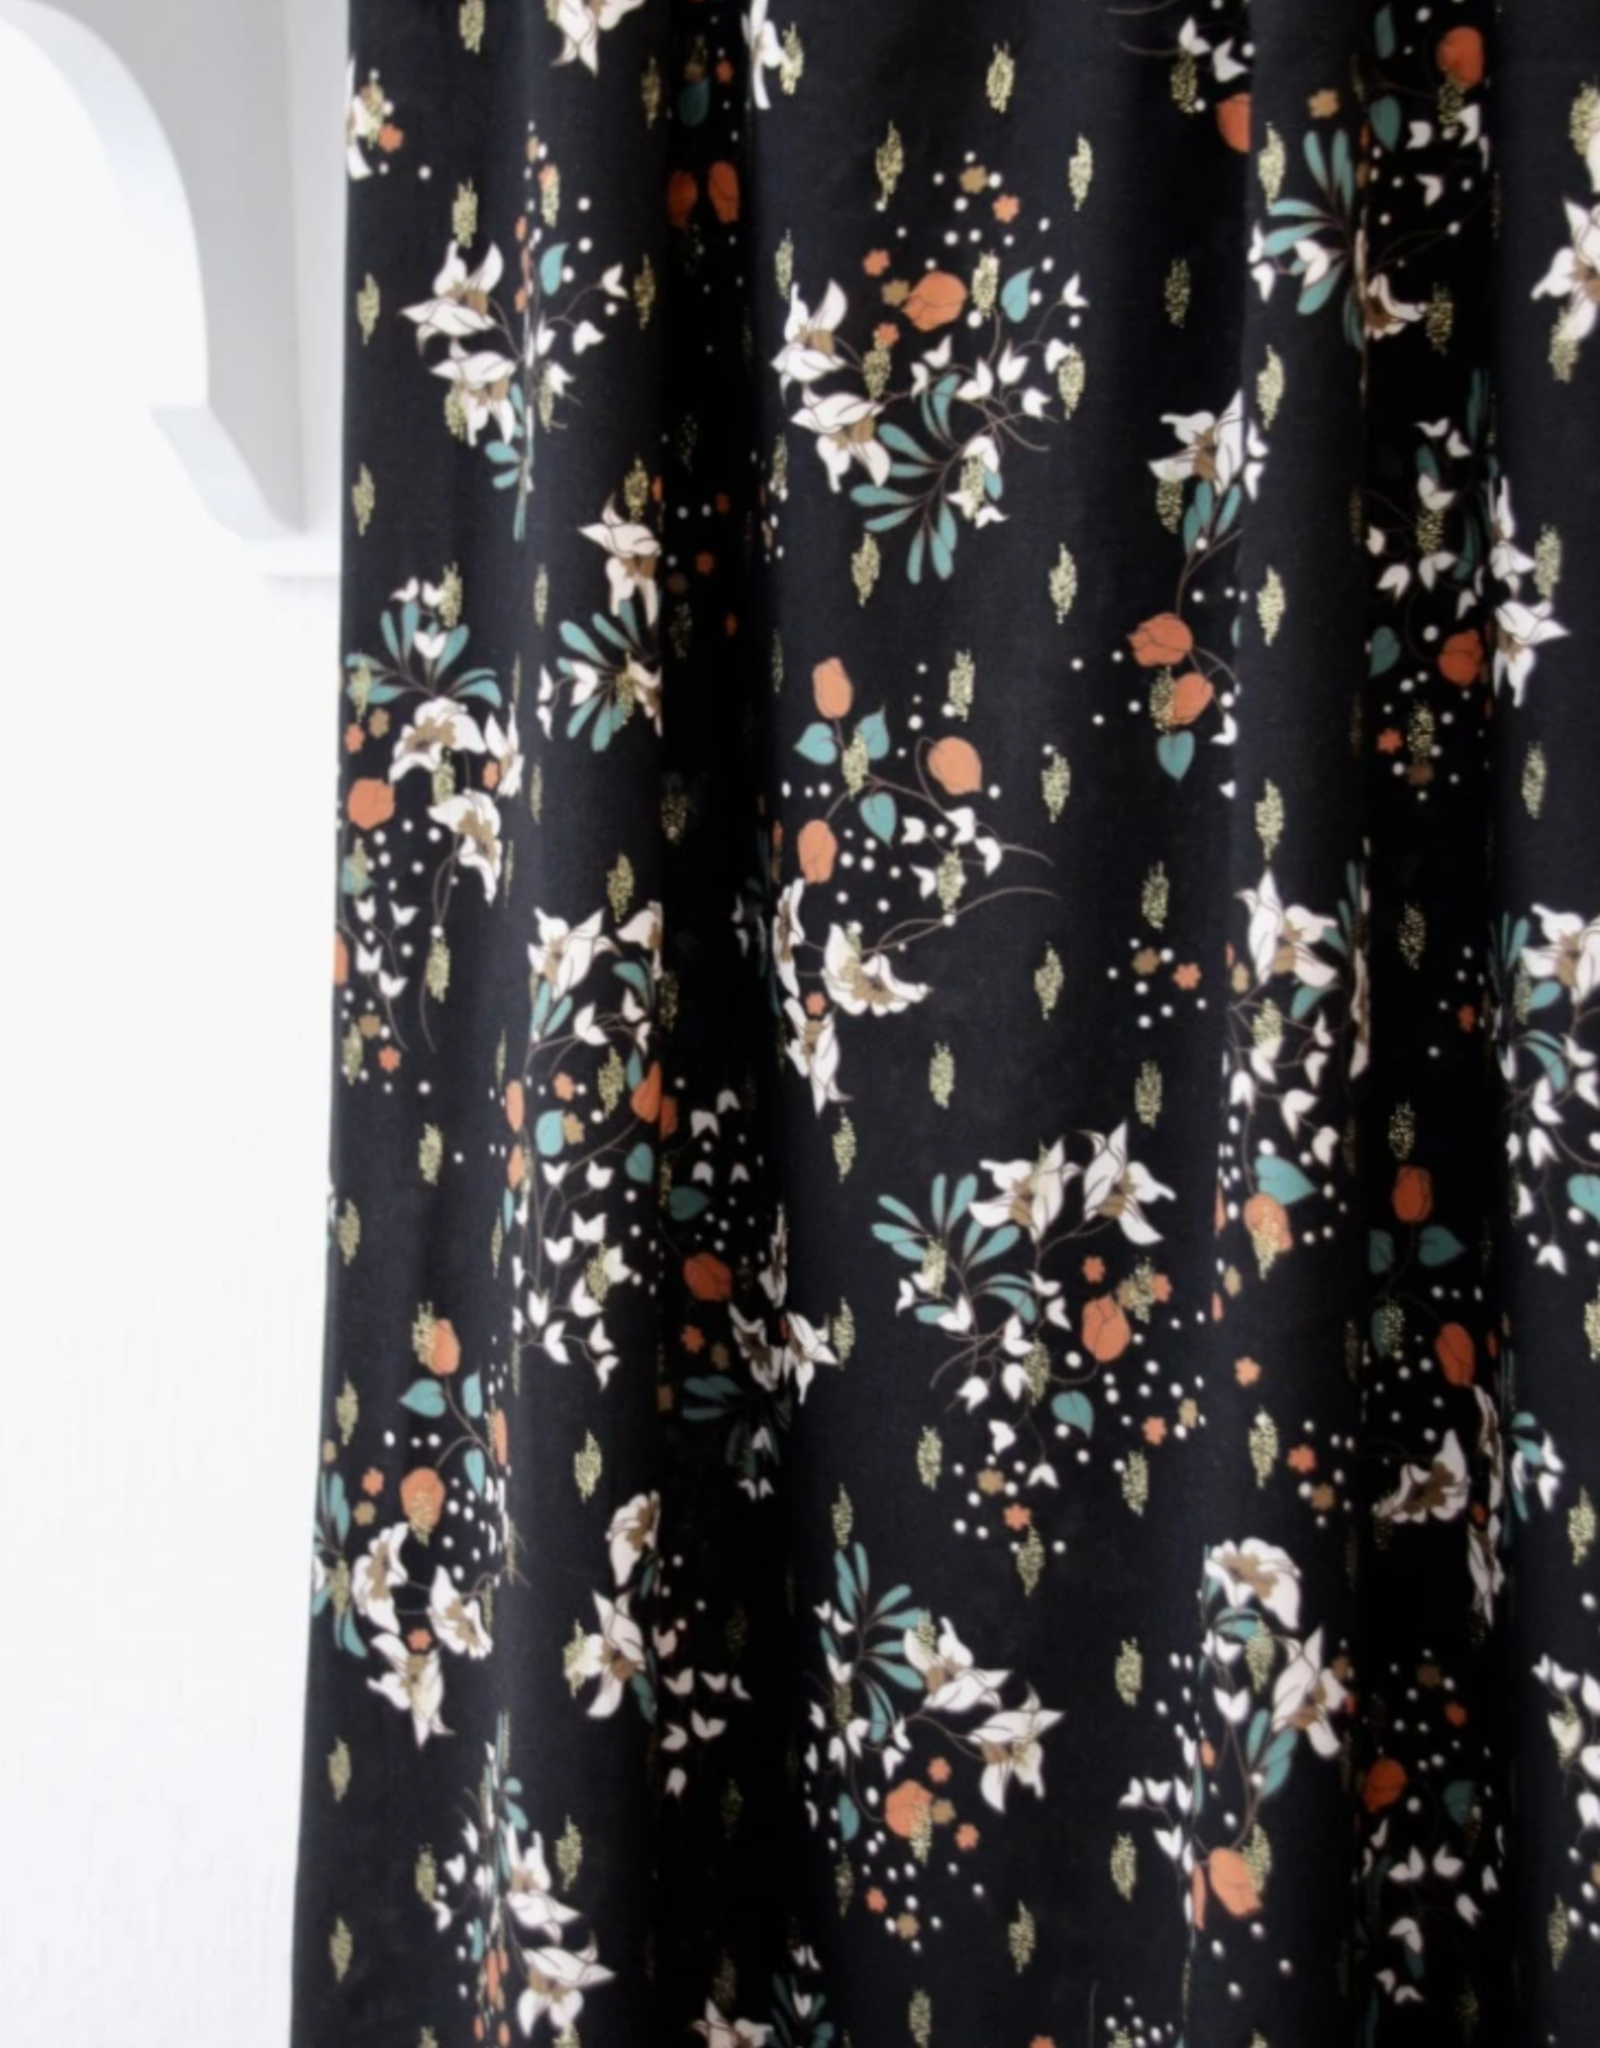 Atelier Jupe Atelier jupe - Zwarte lurex viscose met zachte bloemenprint